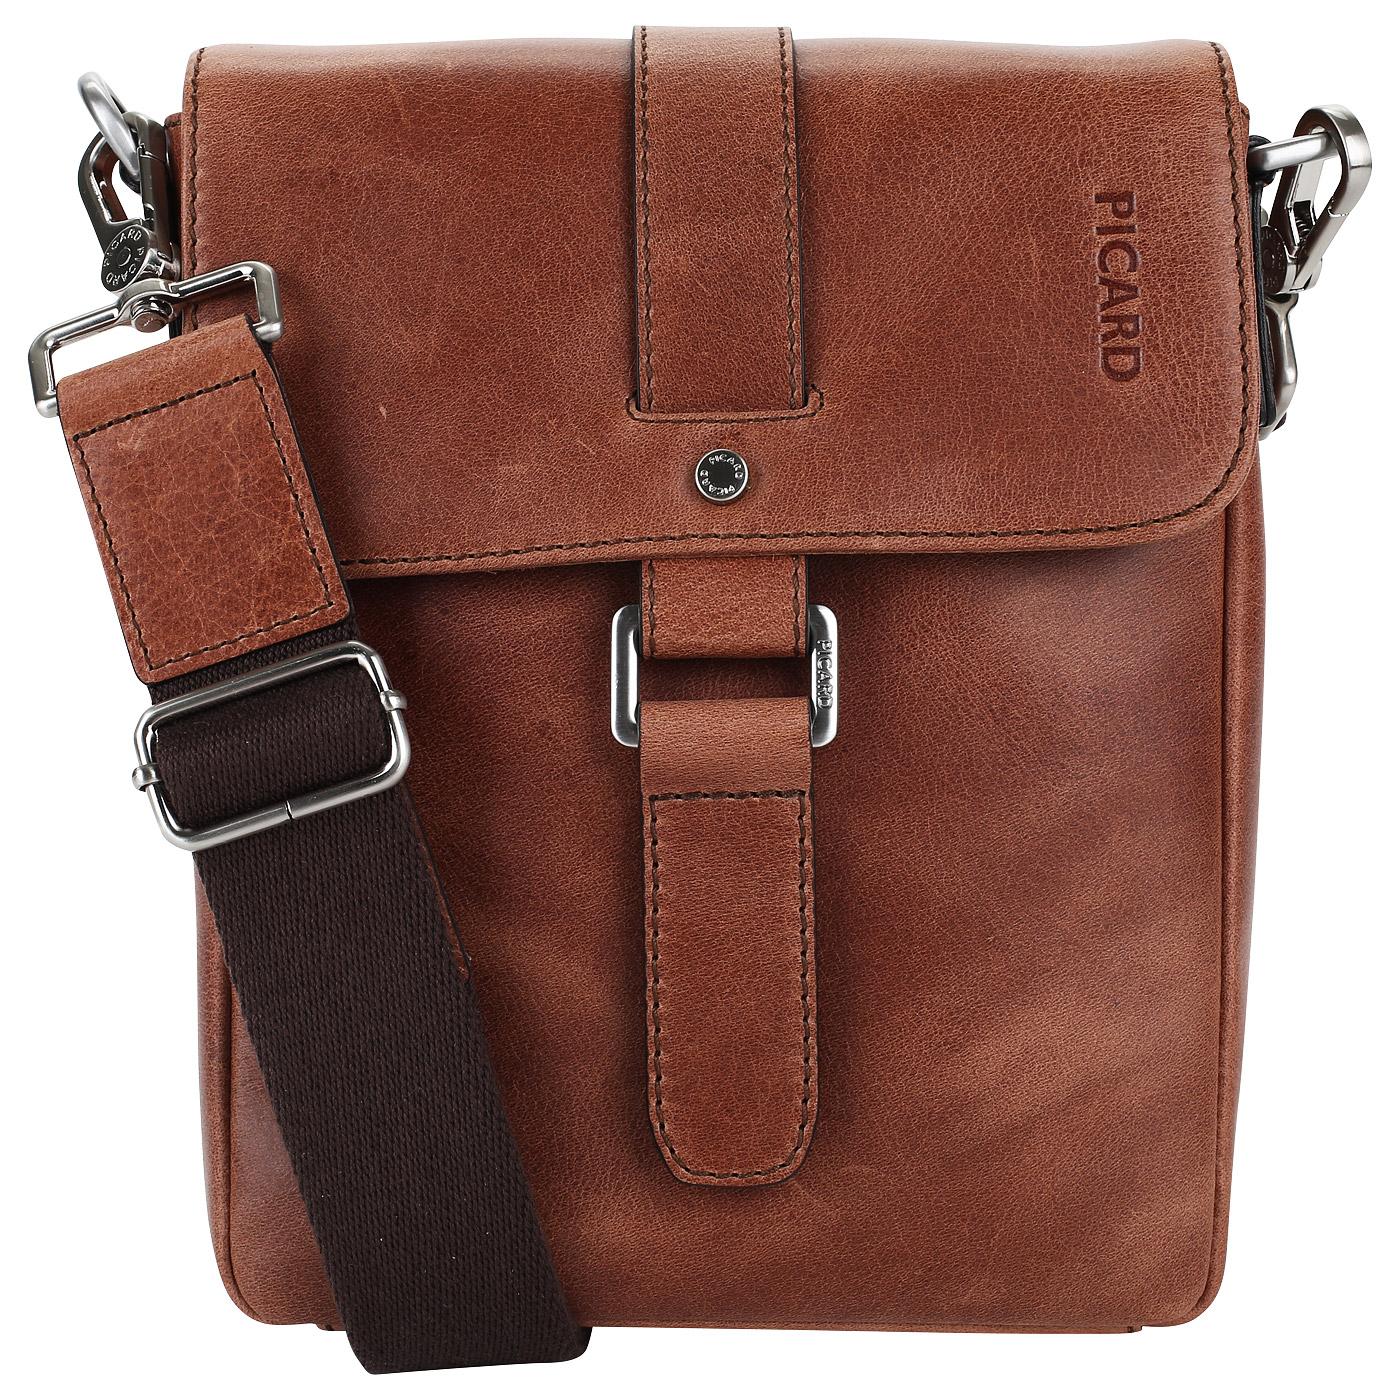 63e099982e49 Мужская сумка-планшет из кожи Picard Buddy 4543 51B_cognac ...